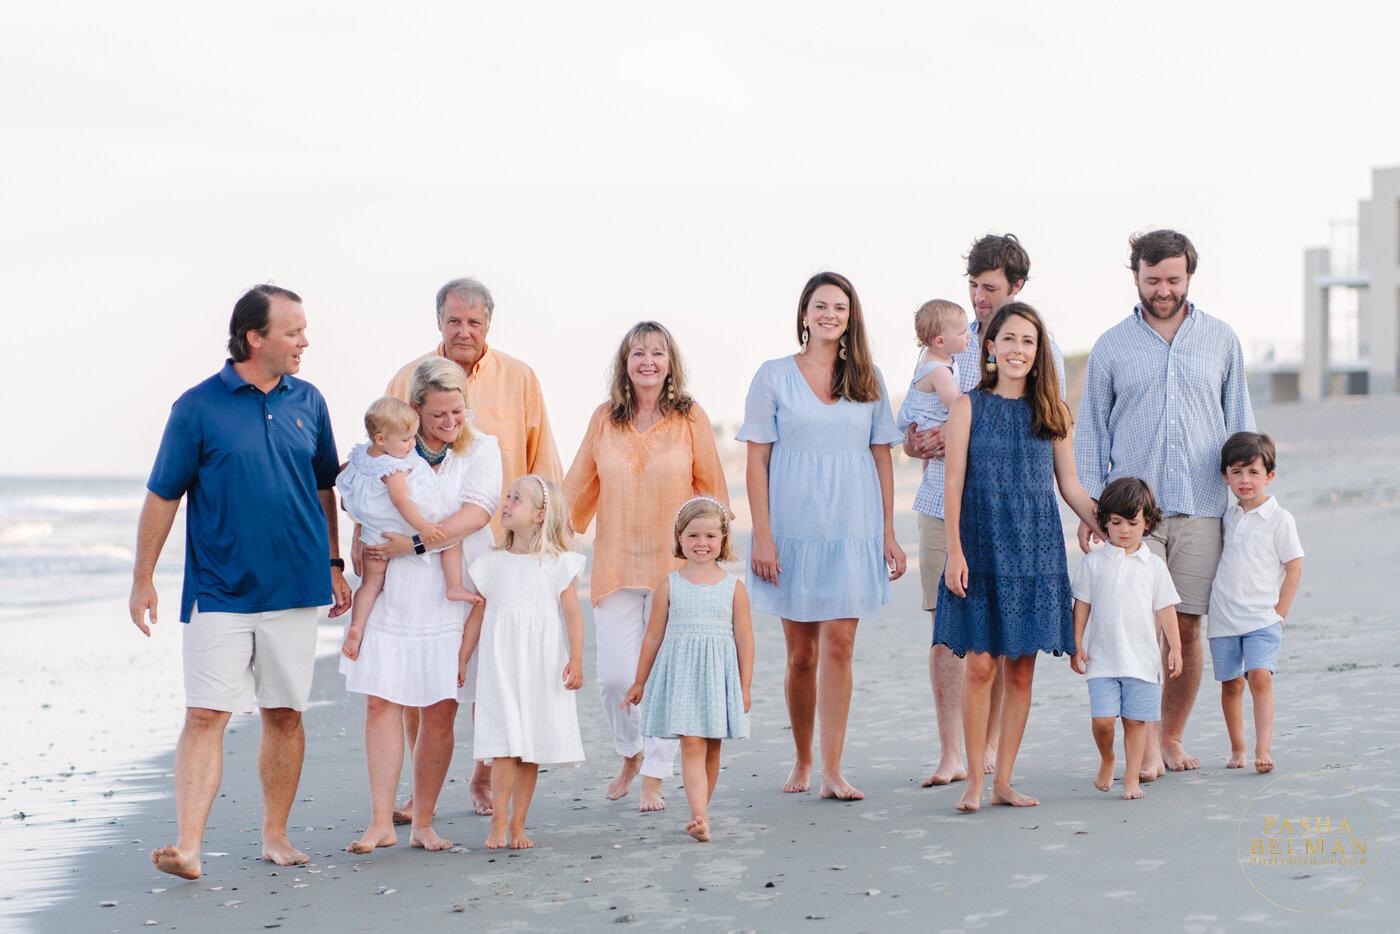 Family Beach Photos in the Myrtle Beach area